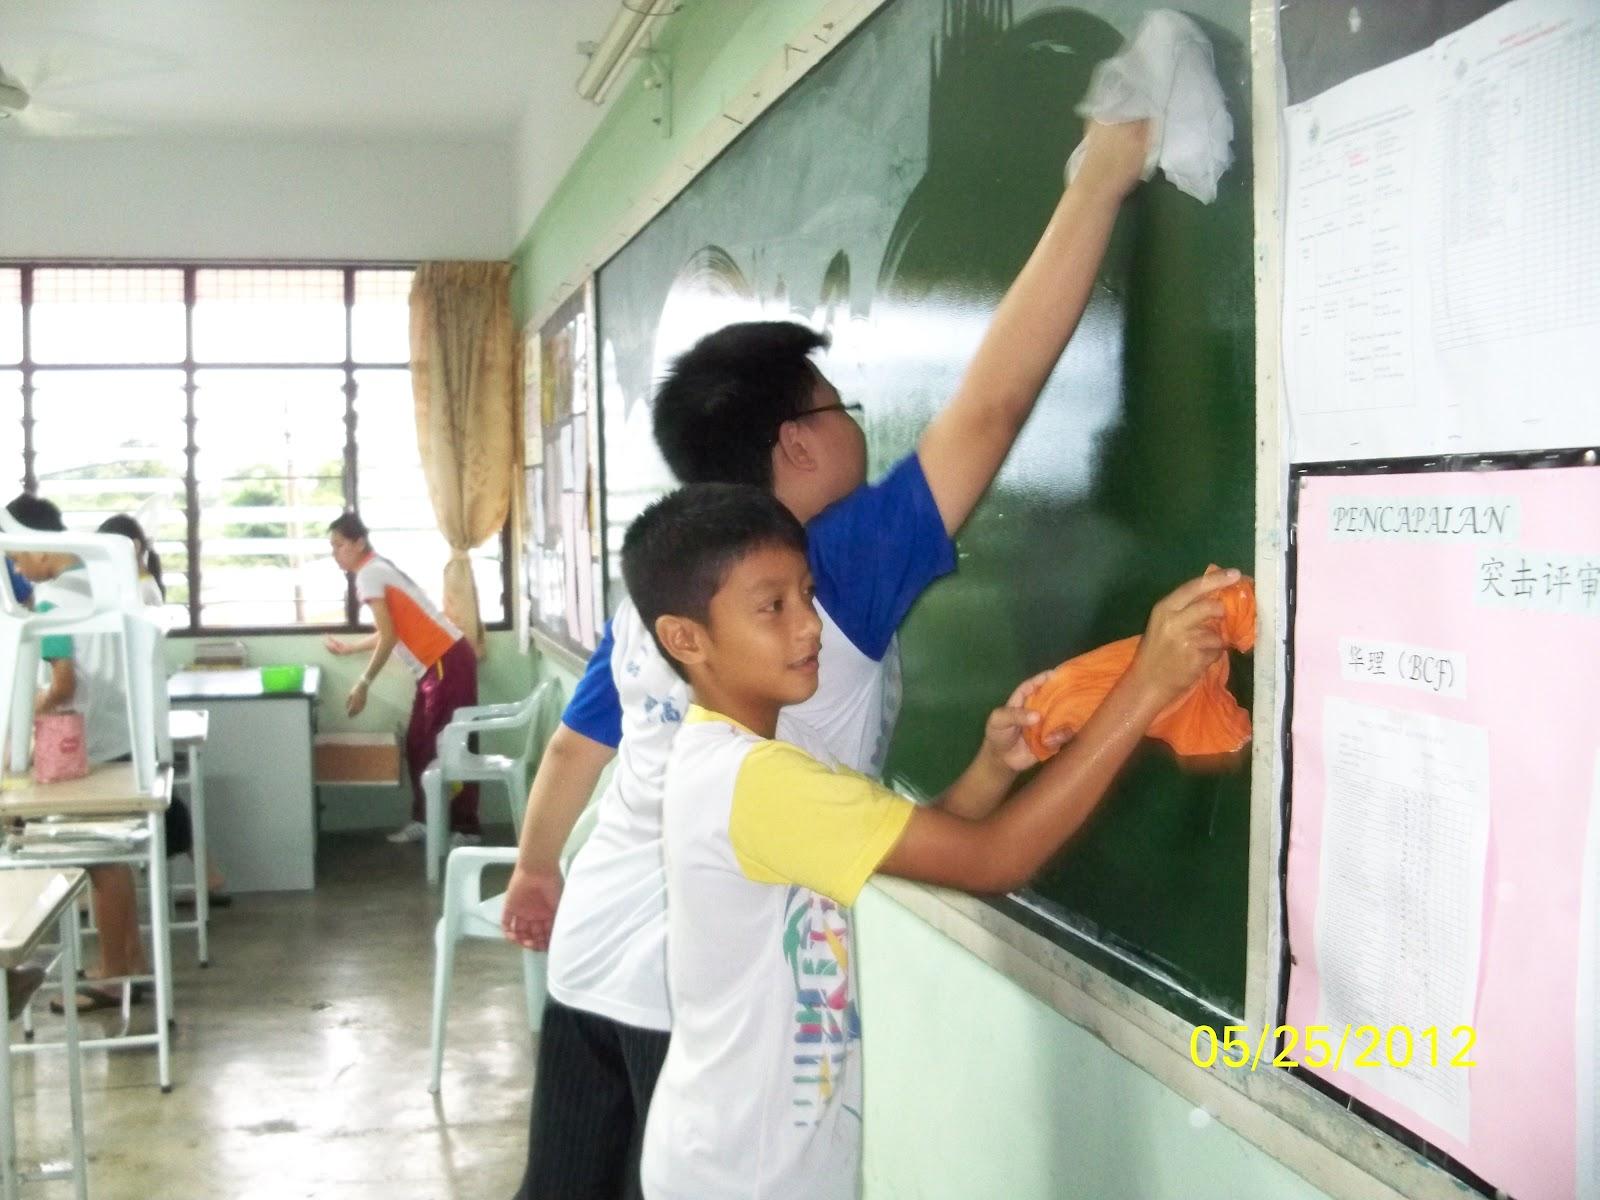 Murid-murid membersihkan bilik kelas.